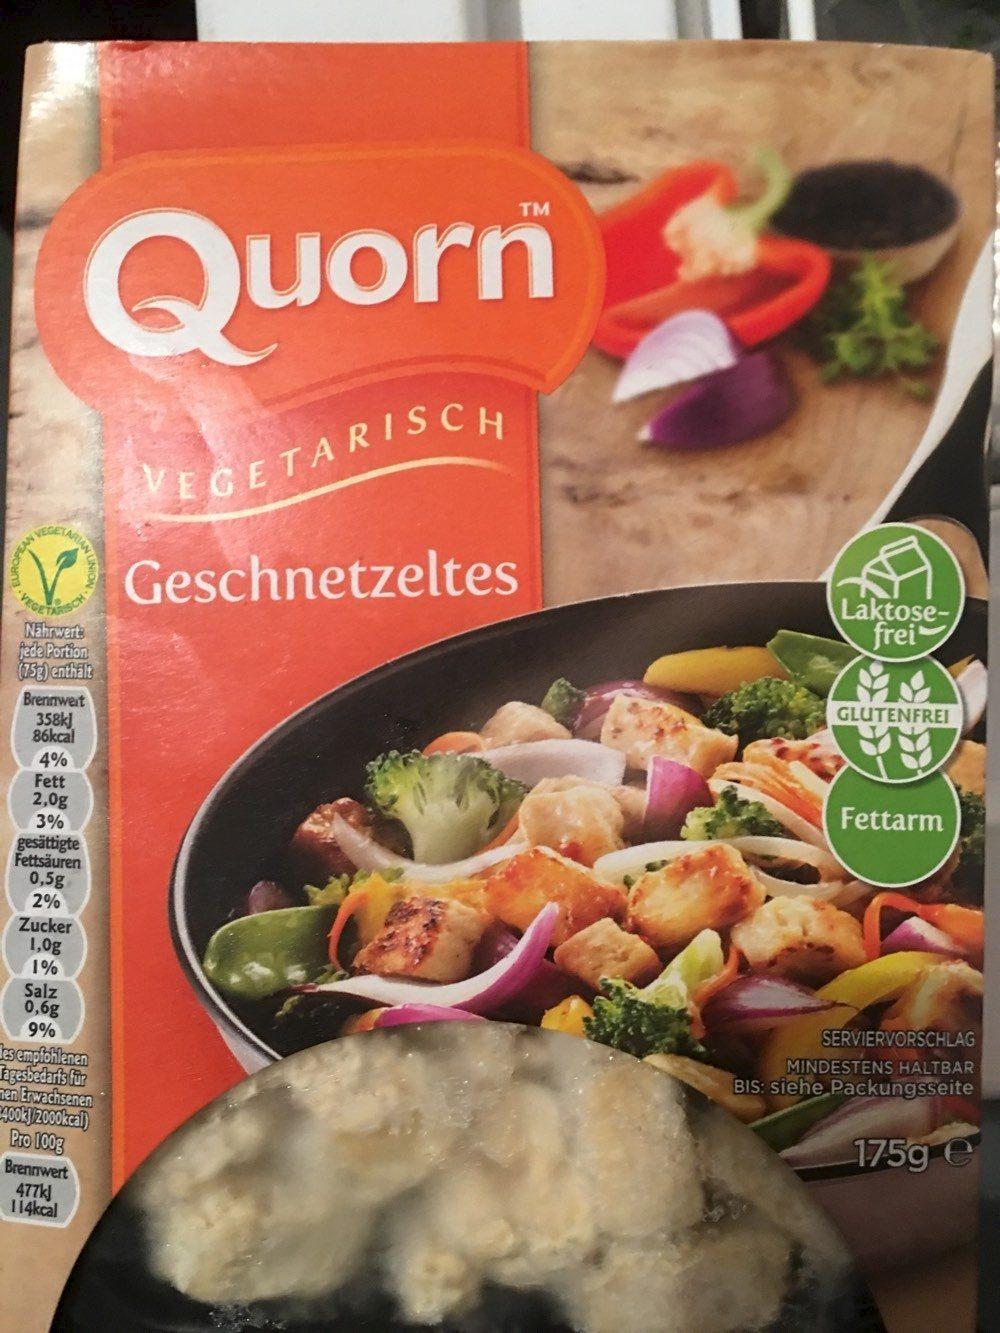 Vegetarisches Geschnetzeltes - Produkt